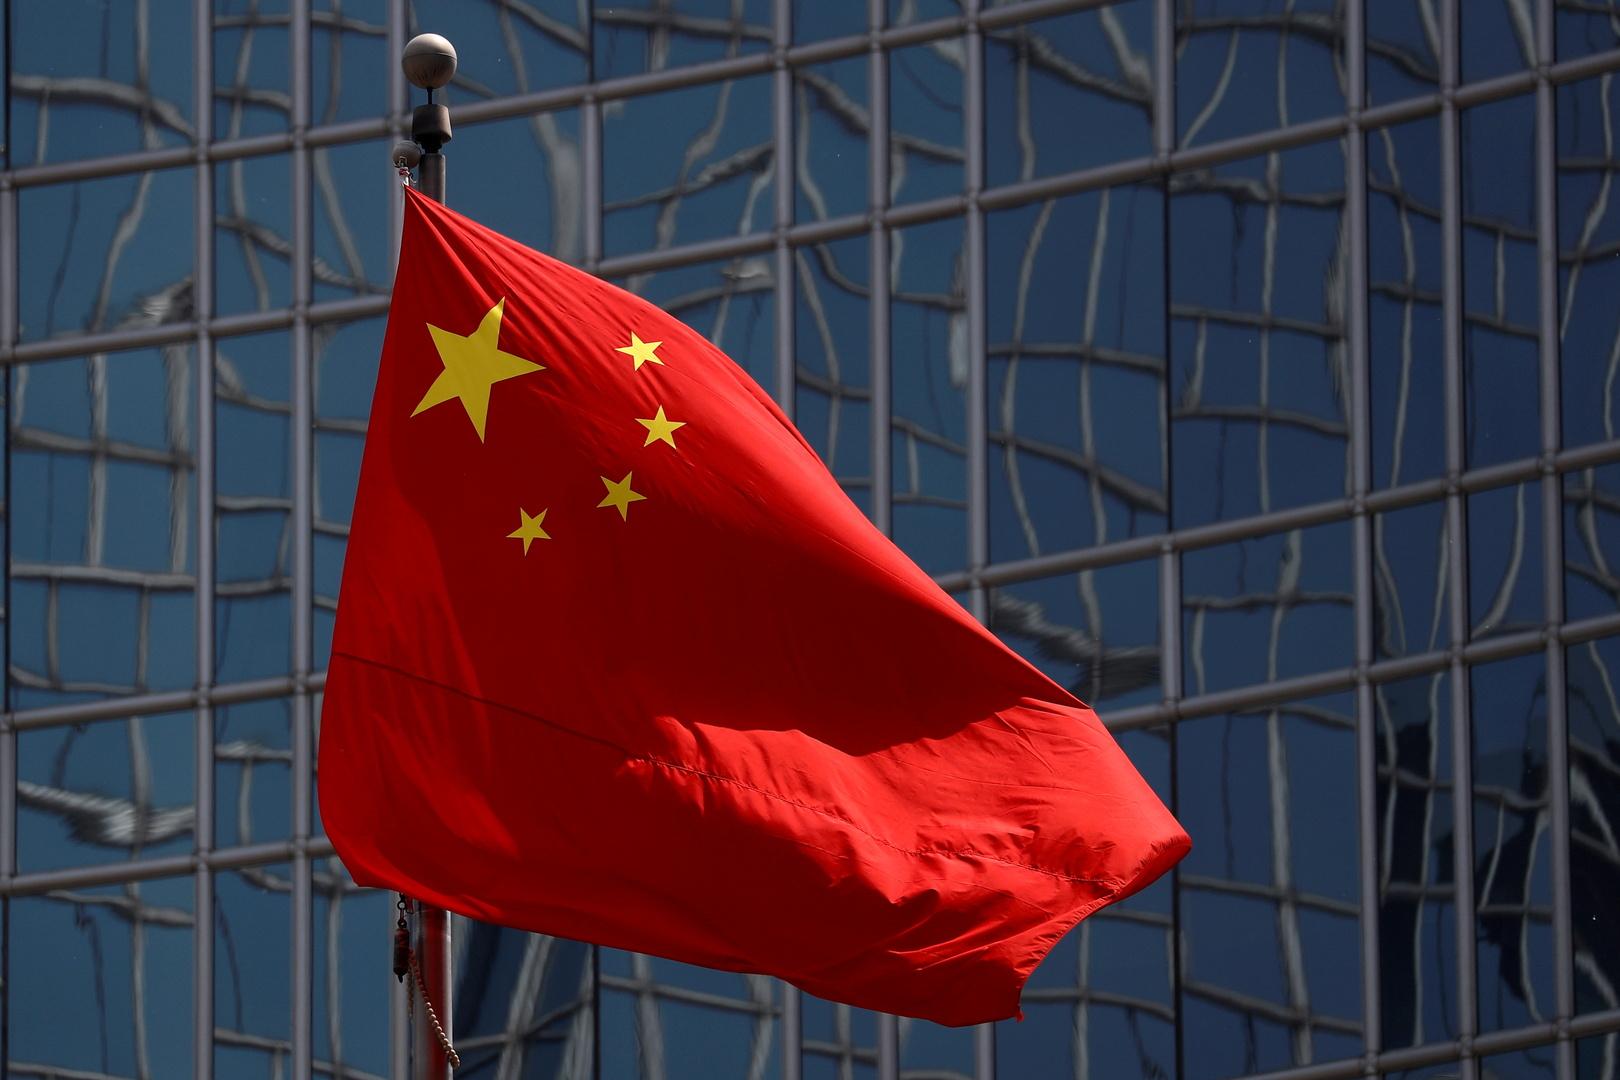 الصين: العقوبات الأمريكية الجديدة ضد روسيا إجراءات هيمنة يعارضها العالم